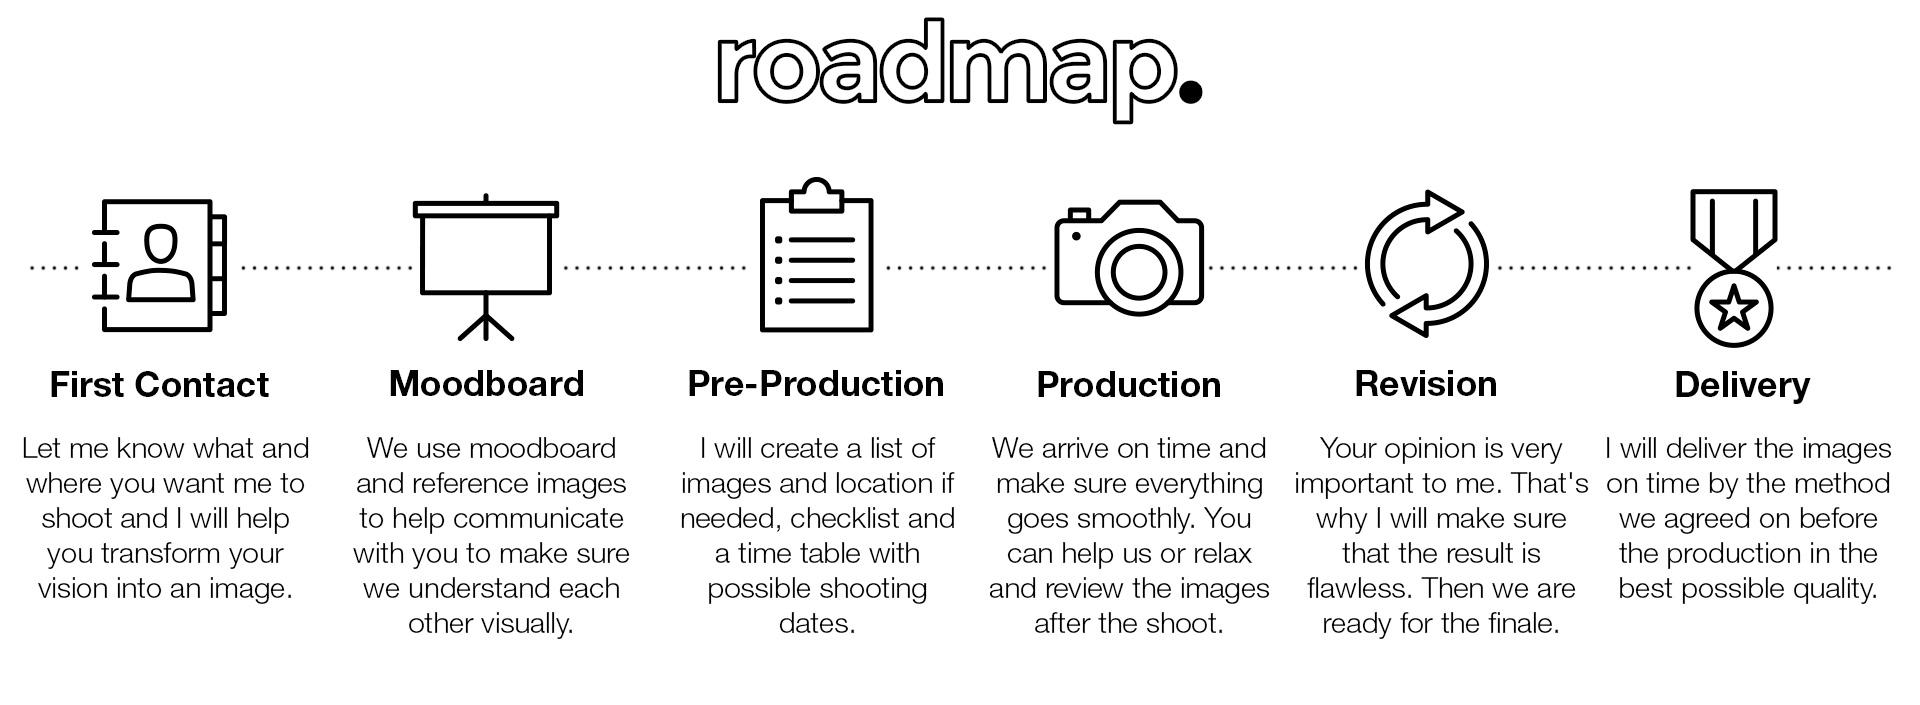 roadmap-en.jpg